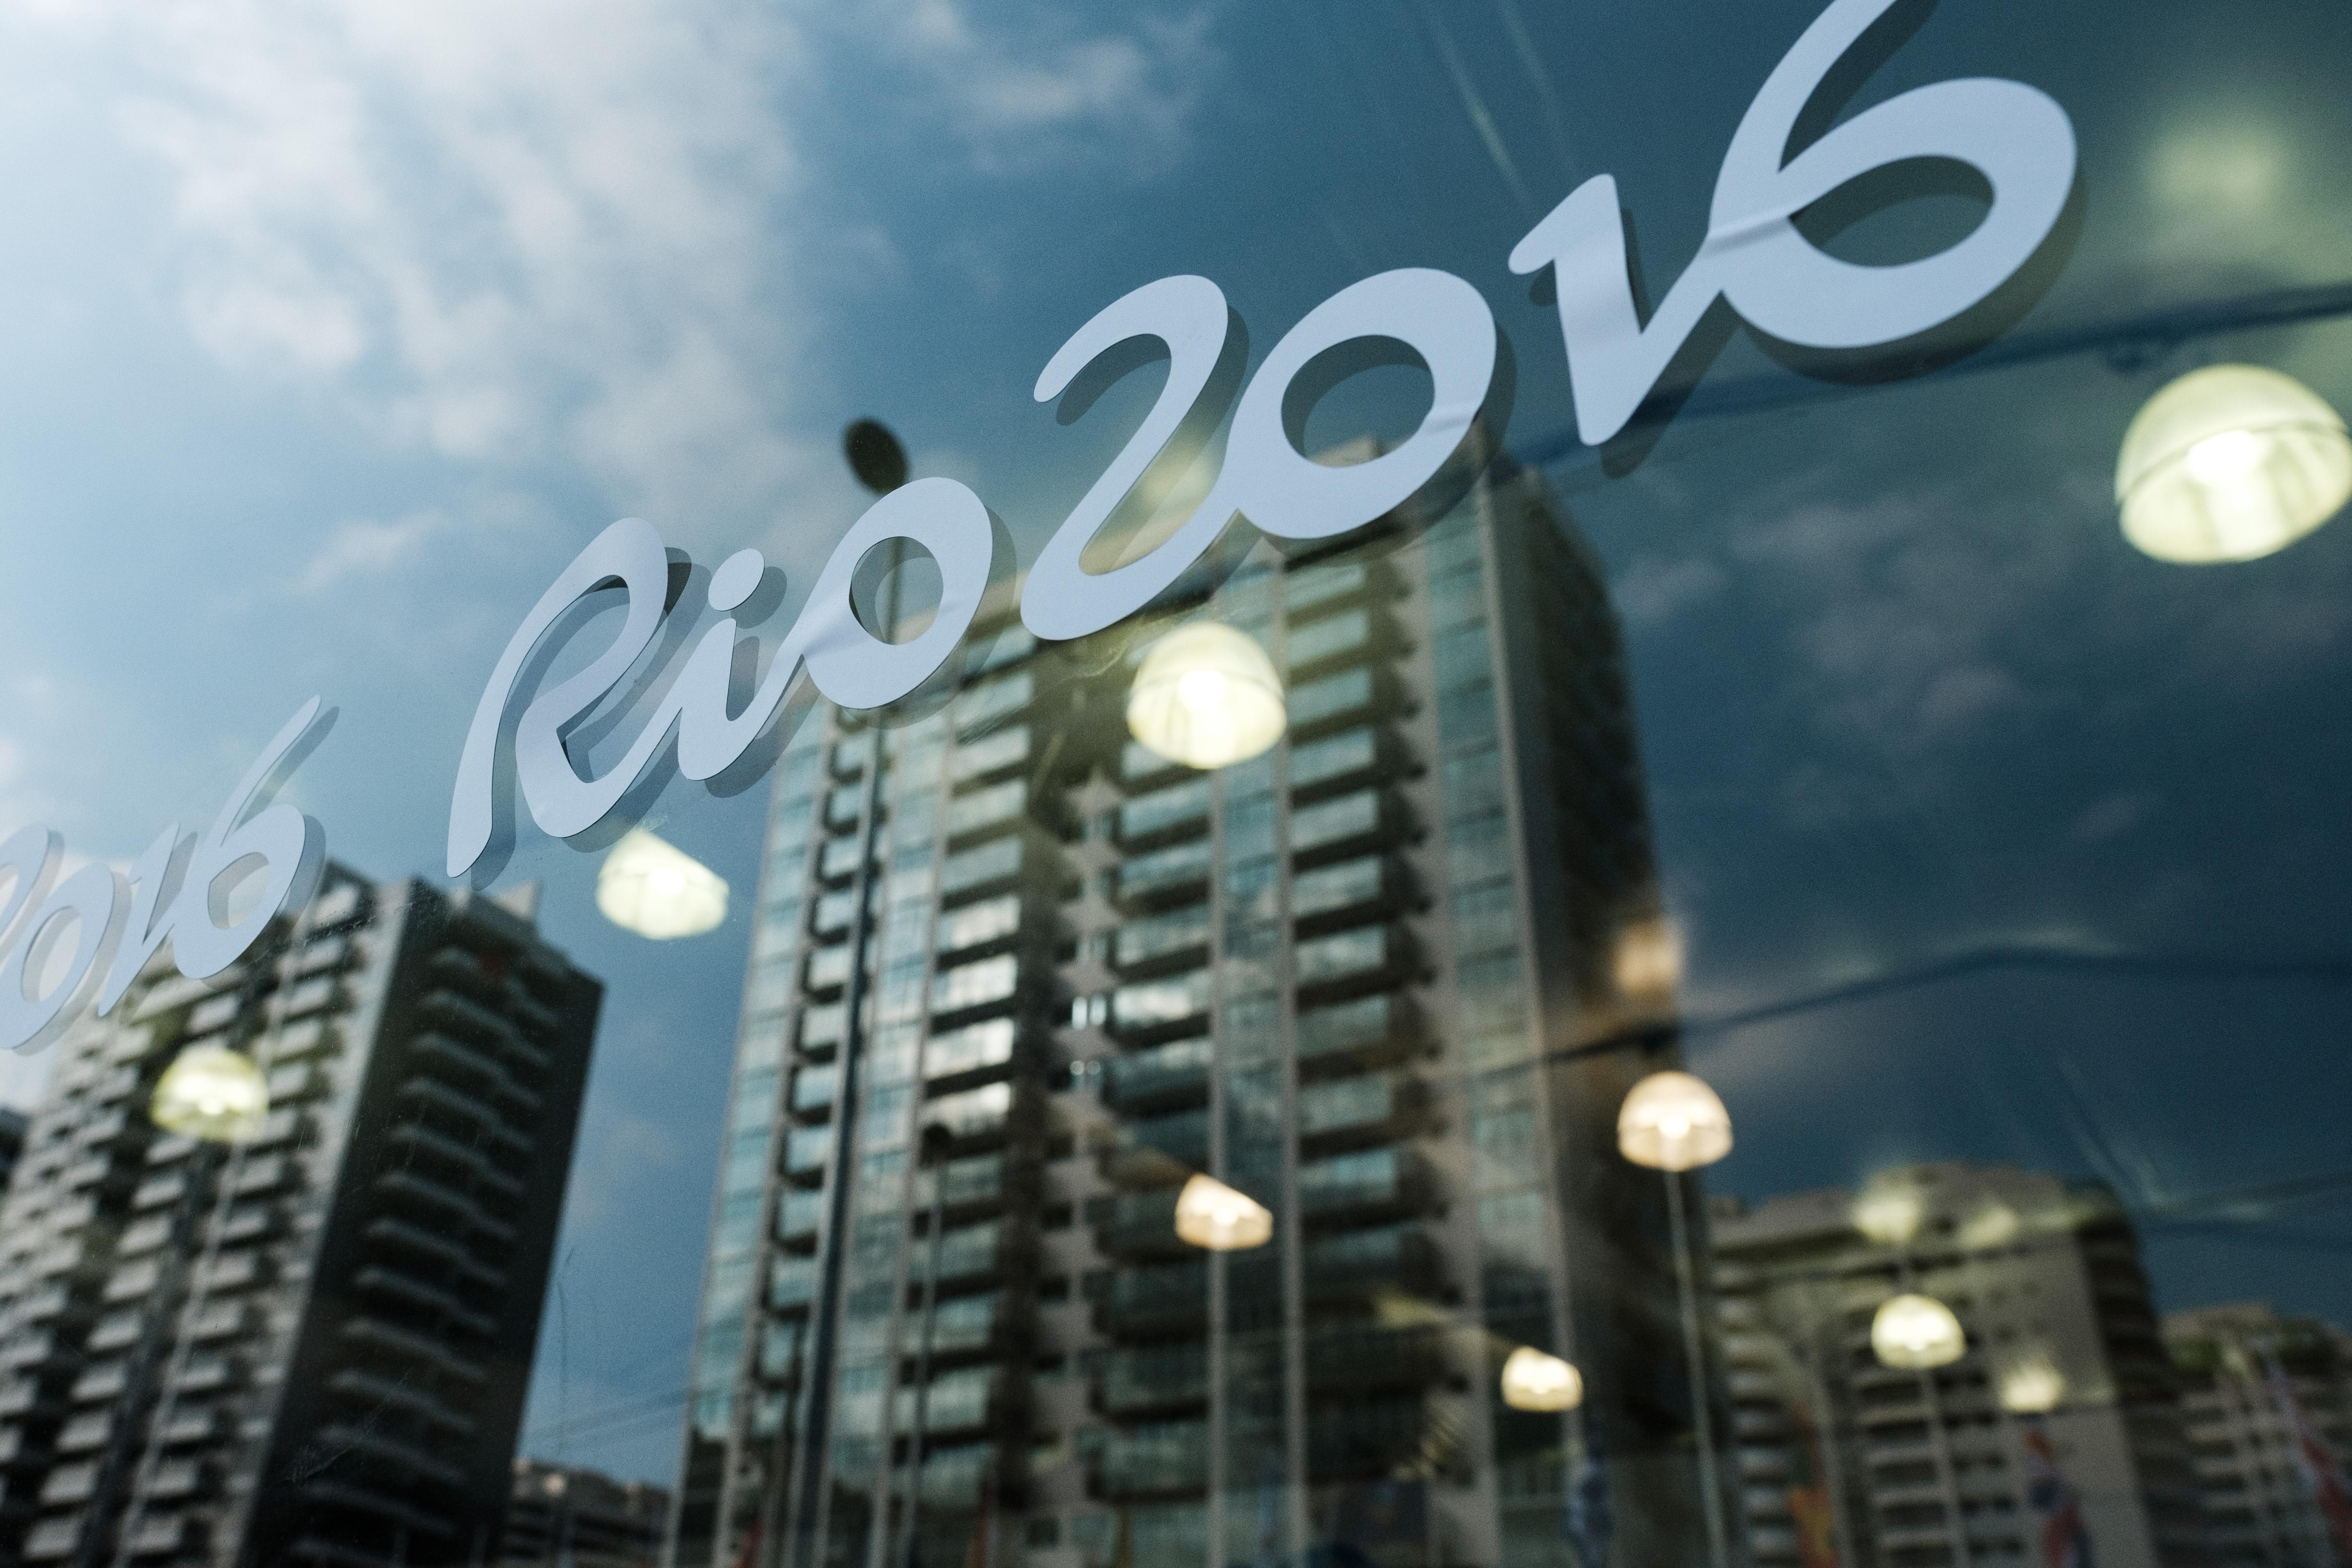 Río 2016A una semana de los Juegos Olímpicos, 60 % de los brasileños cree que serán perjudiciales